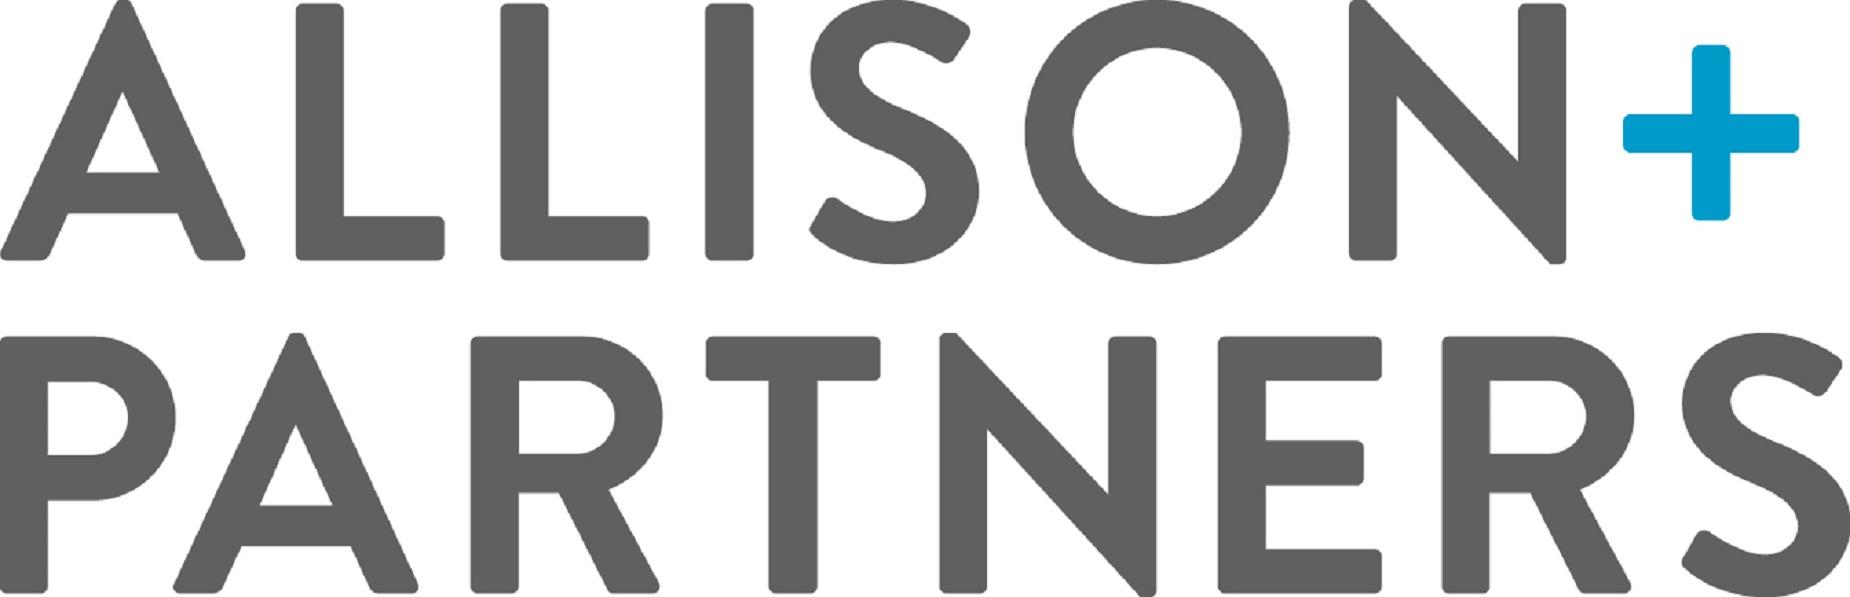 Allison-Partners_Logo_Color-00a16fe95056b3a_00a171ee-5056-b3a8-493274ad79555239.jpg